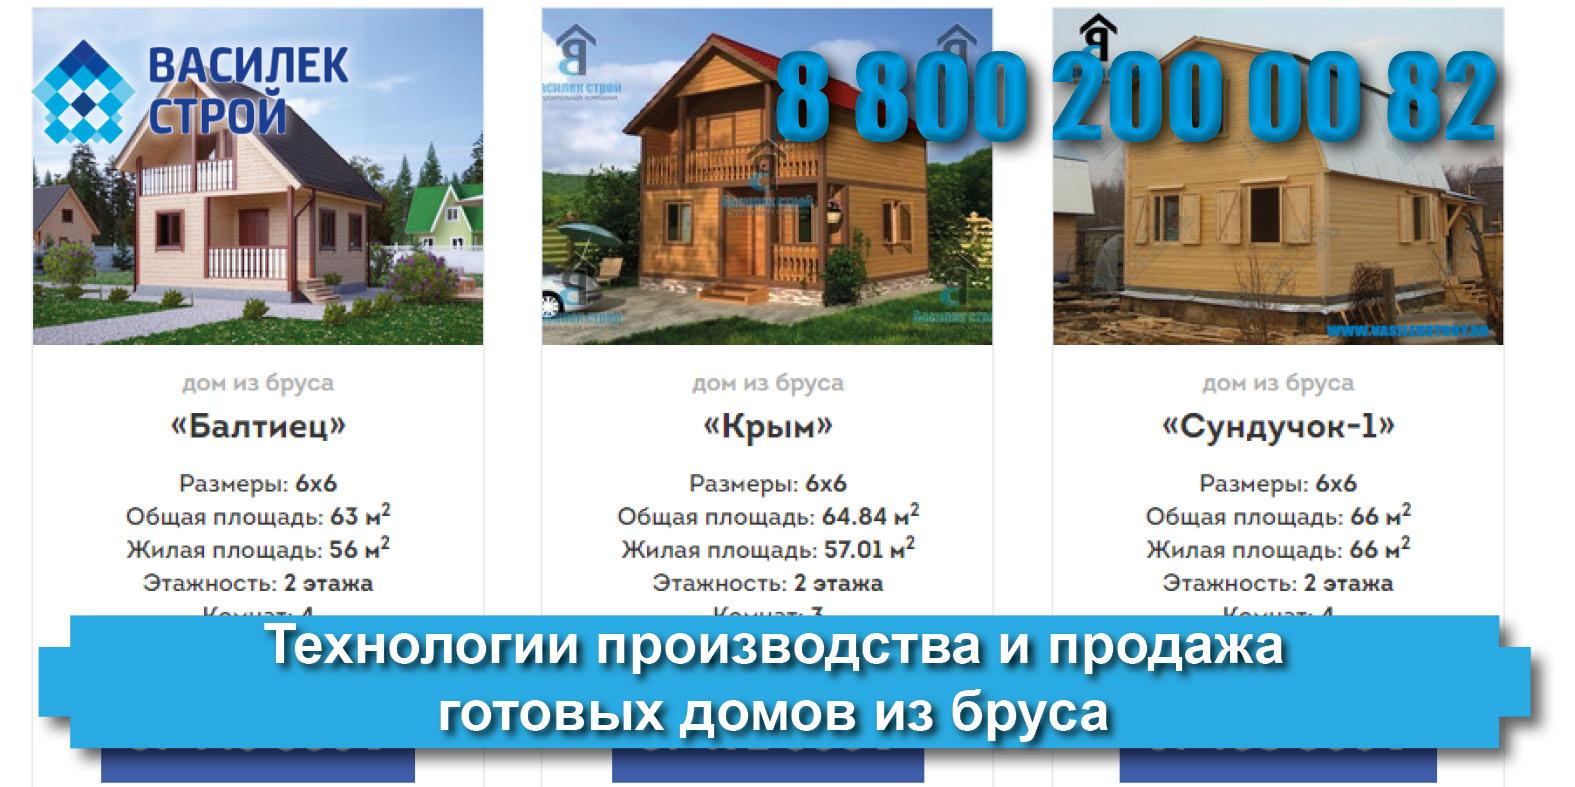 Где сегодня купить готовый дом из бруса дешево: продажа готовых домов из бруса по ценам производителя